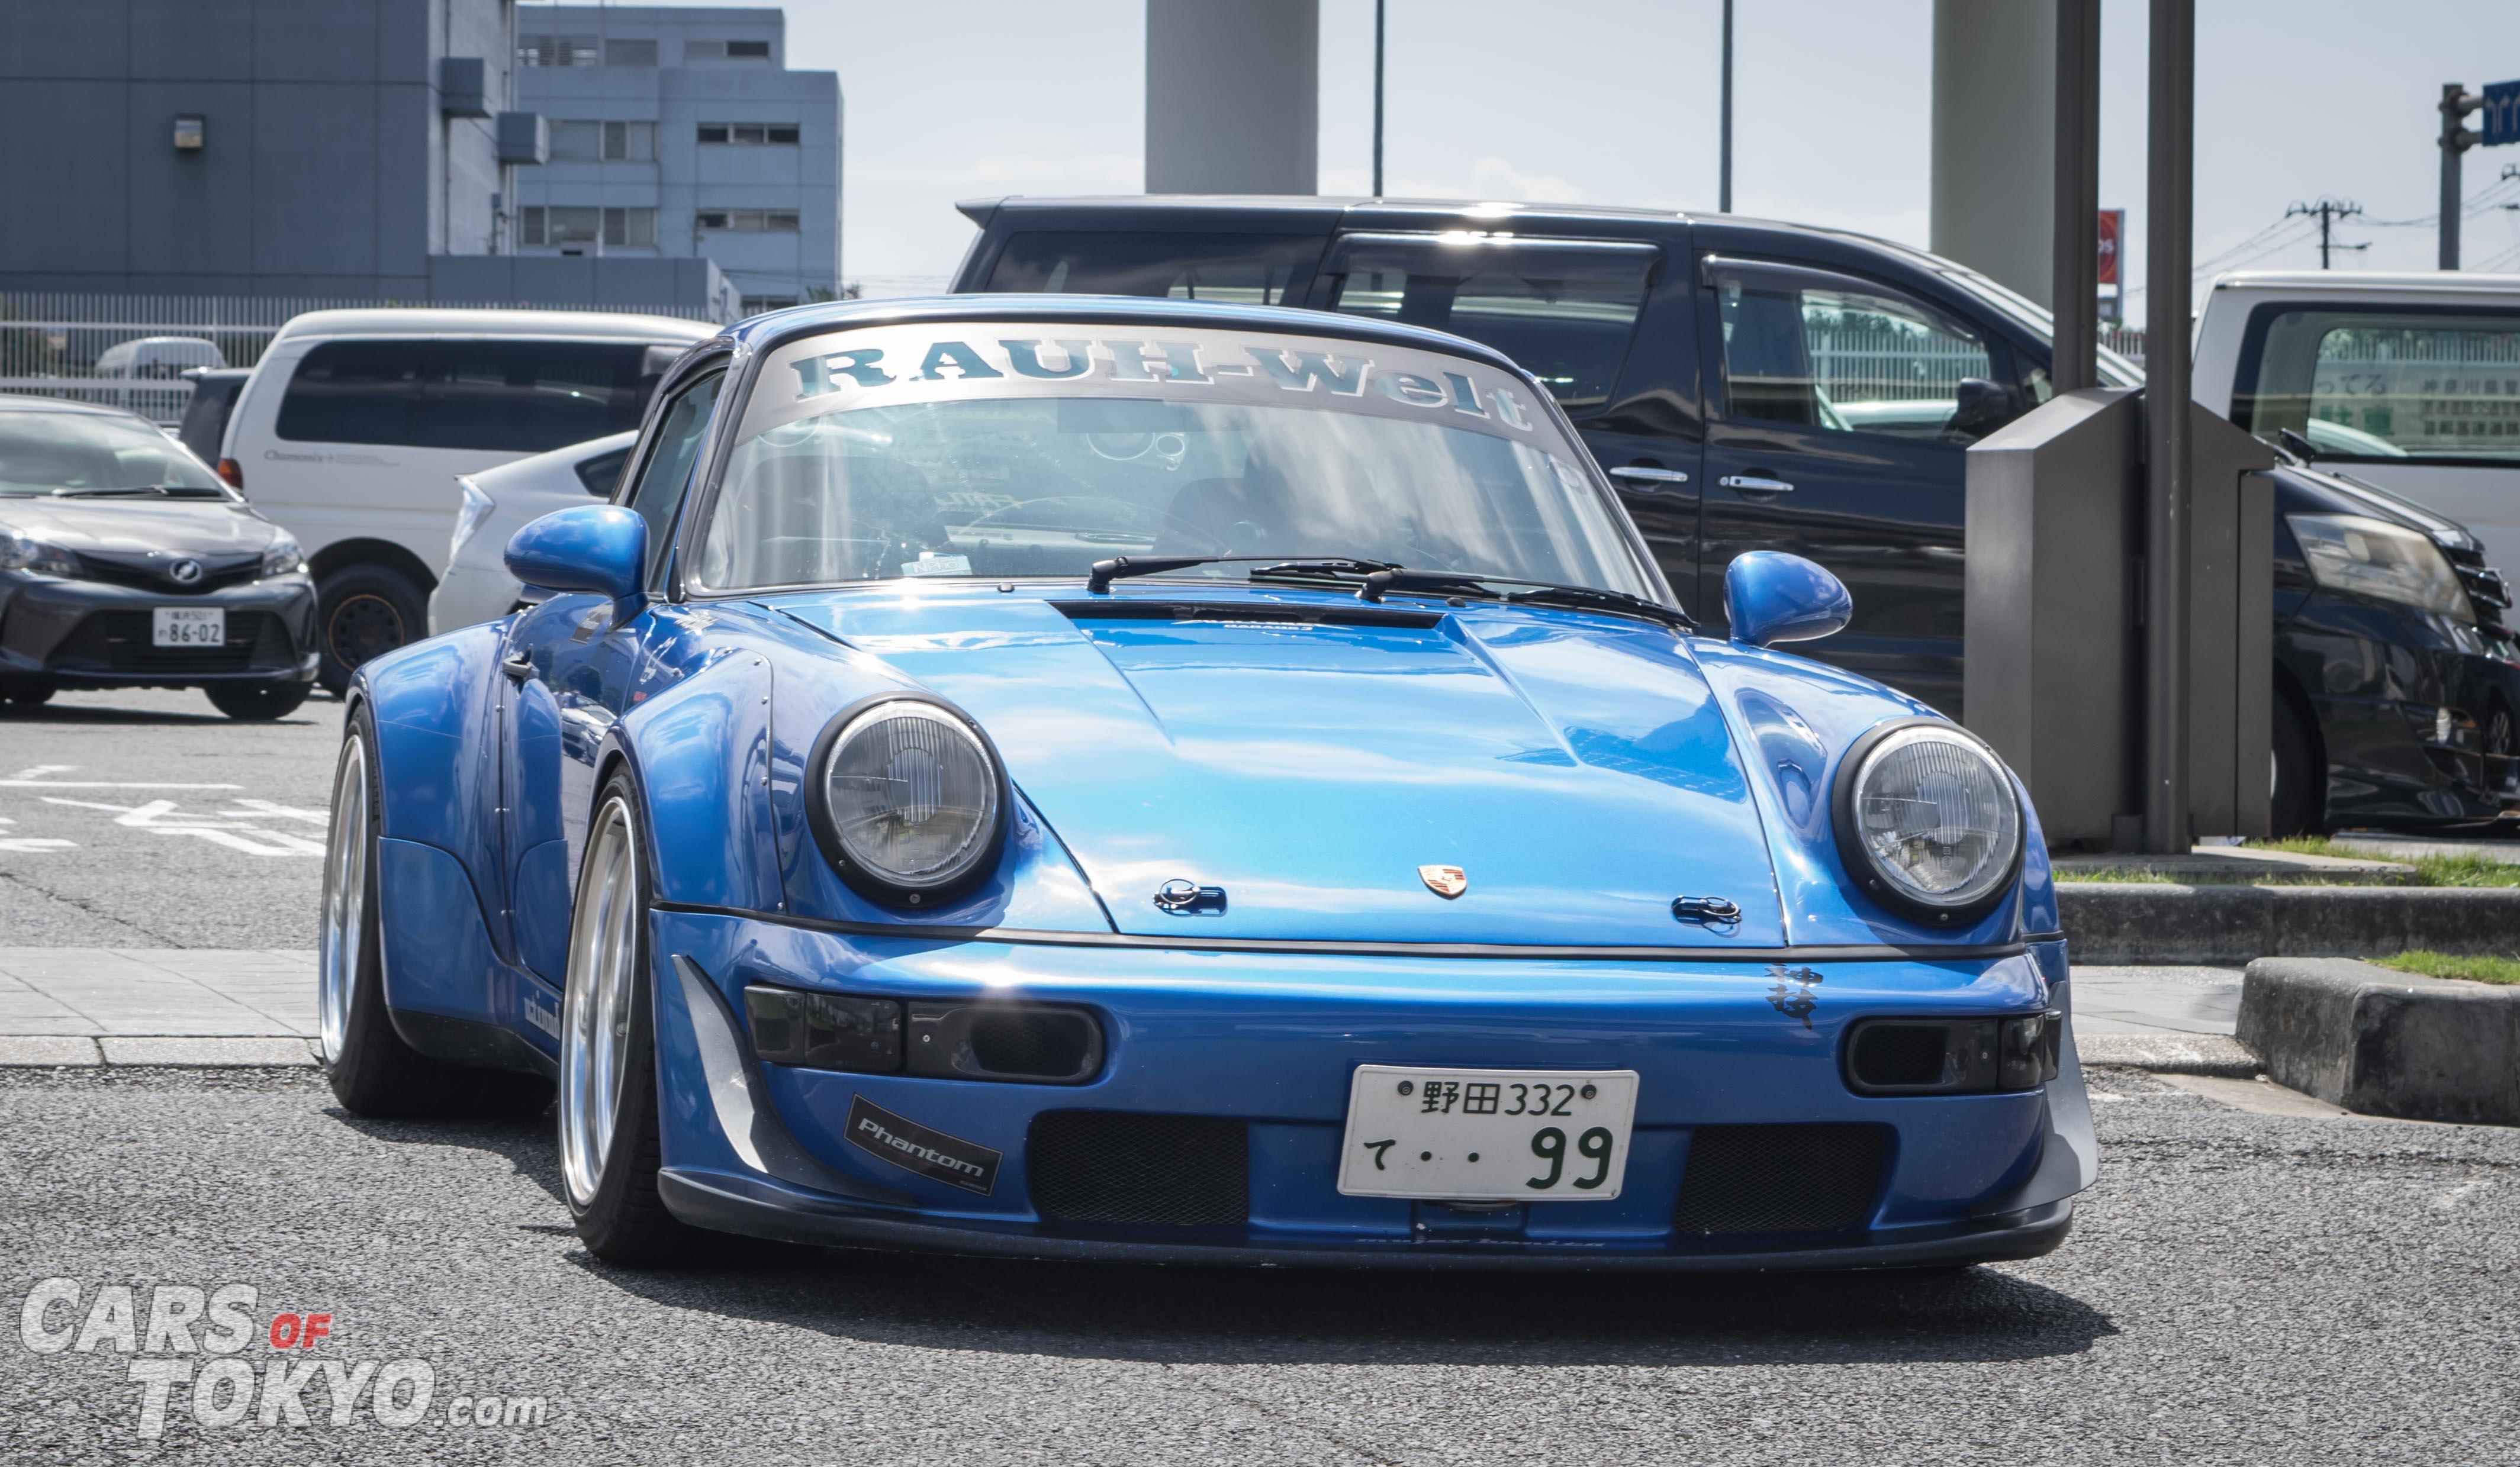 Cars of Tokyo RWB Porsche 911 964 Blue